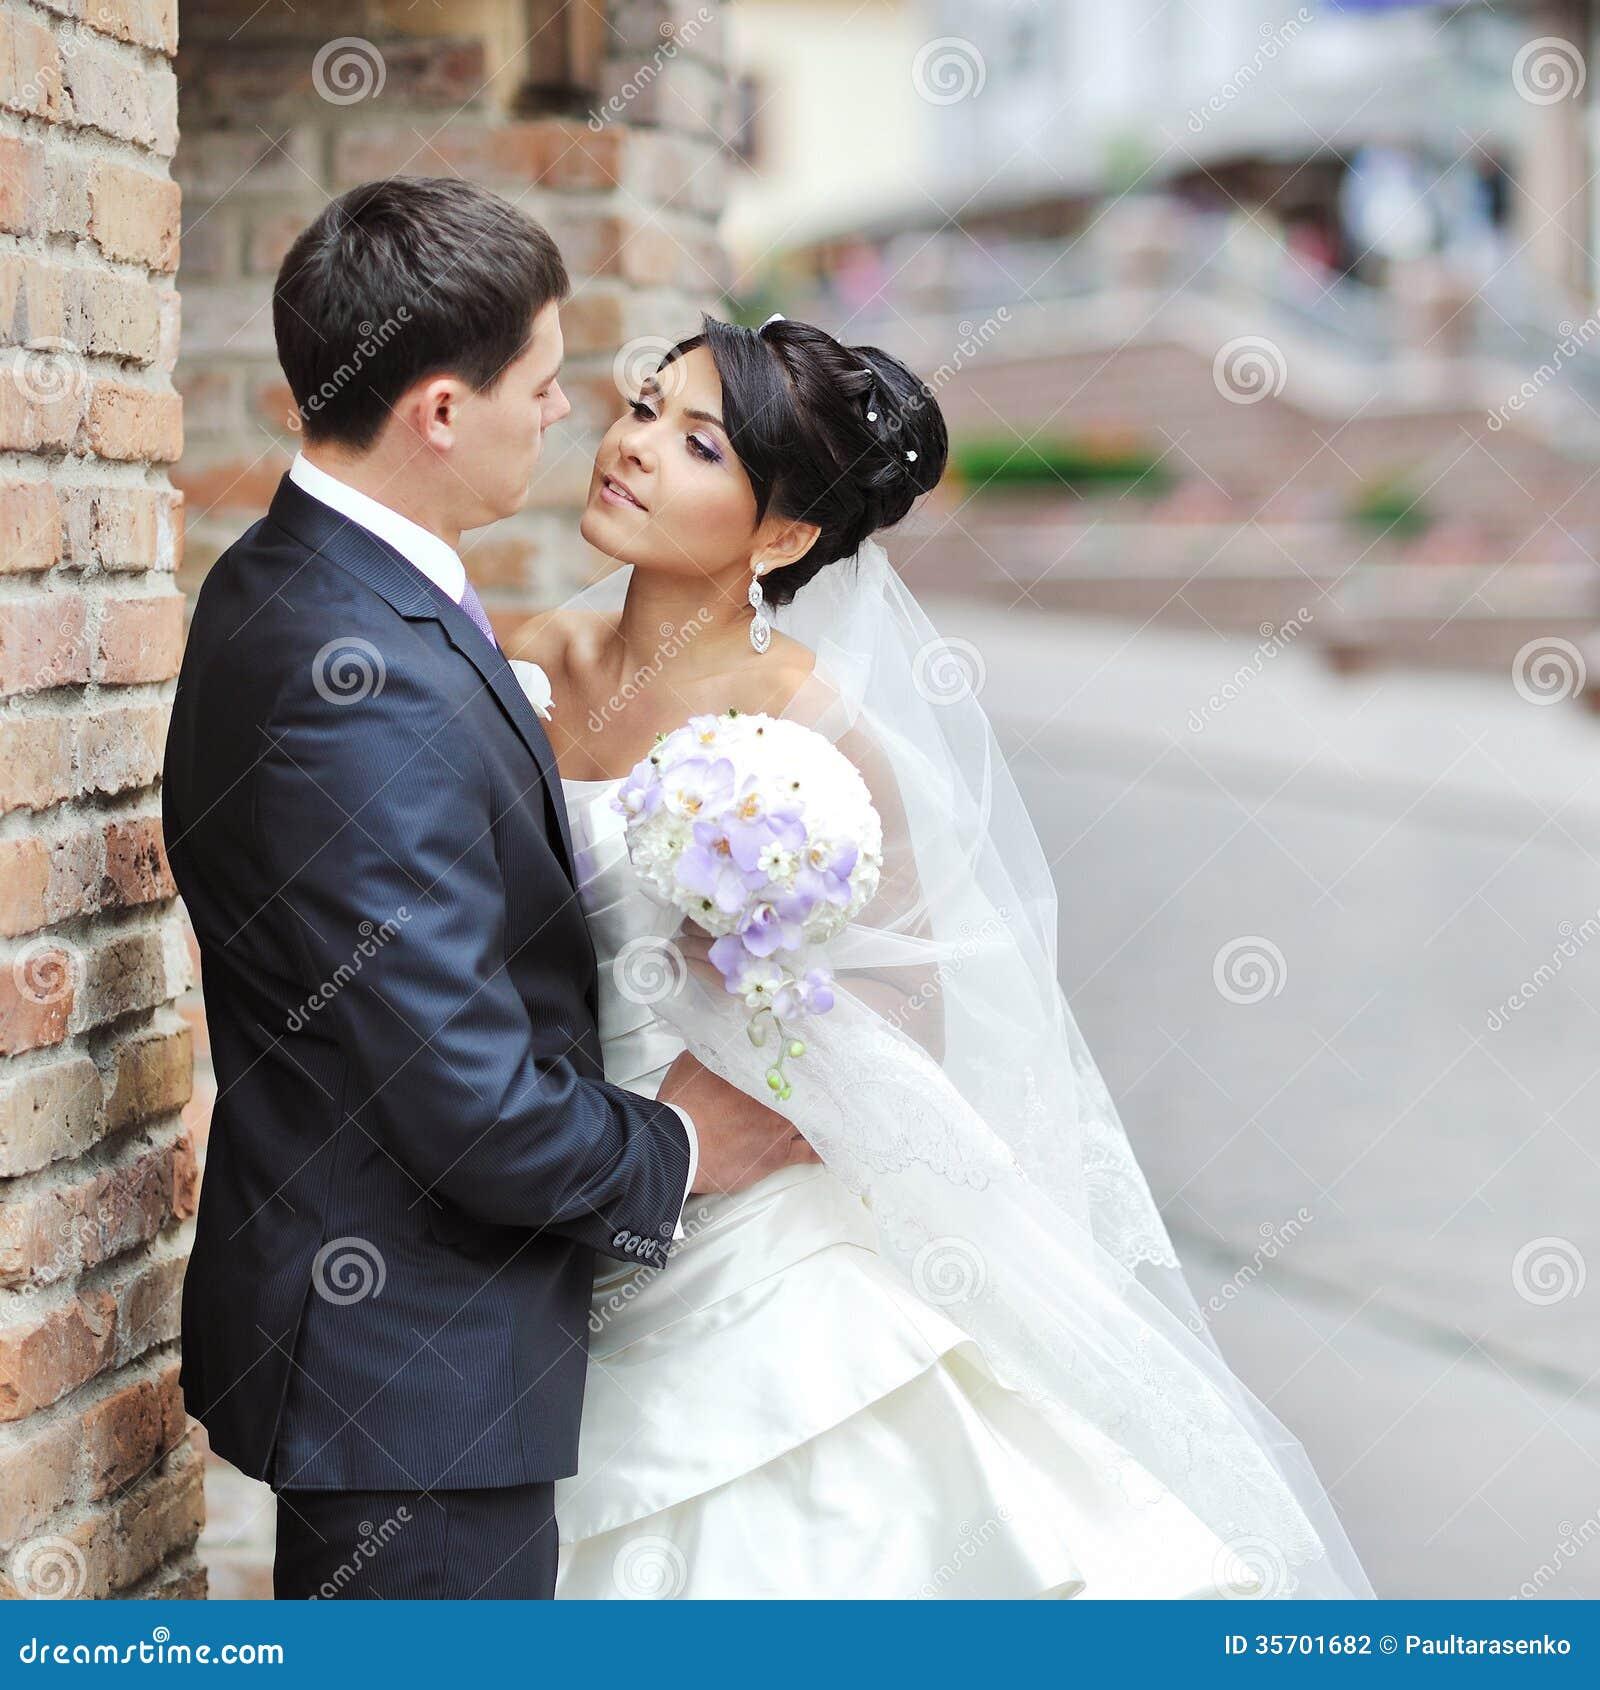 Jeunes mari s dans une vieille ville couple de mariage photo stock image 35701682 - Photo de mariage couple ...